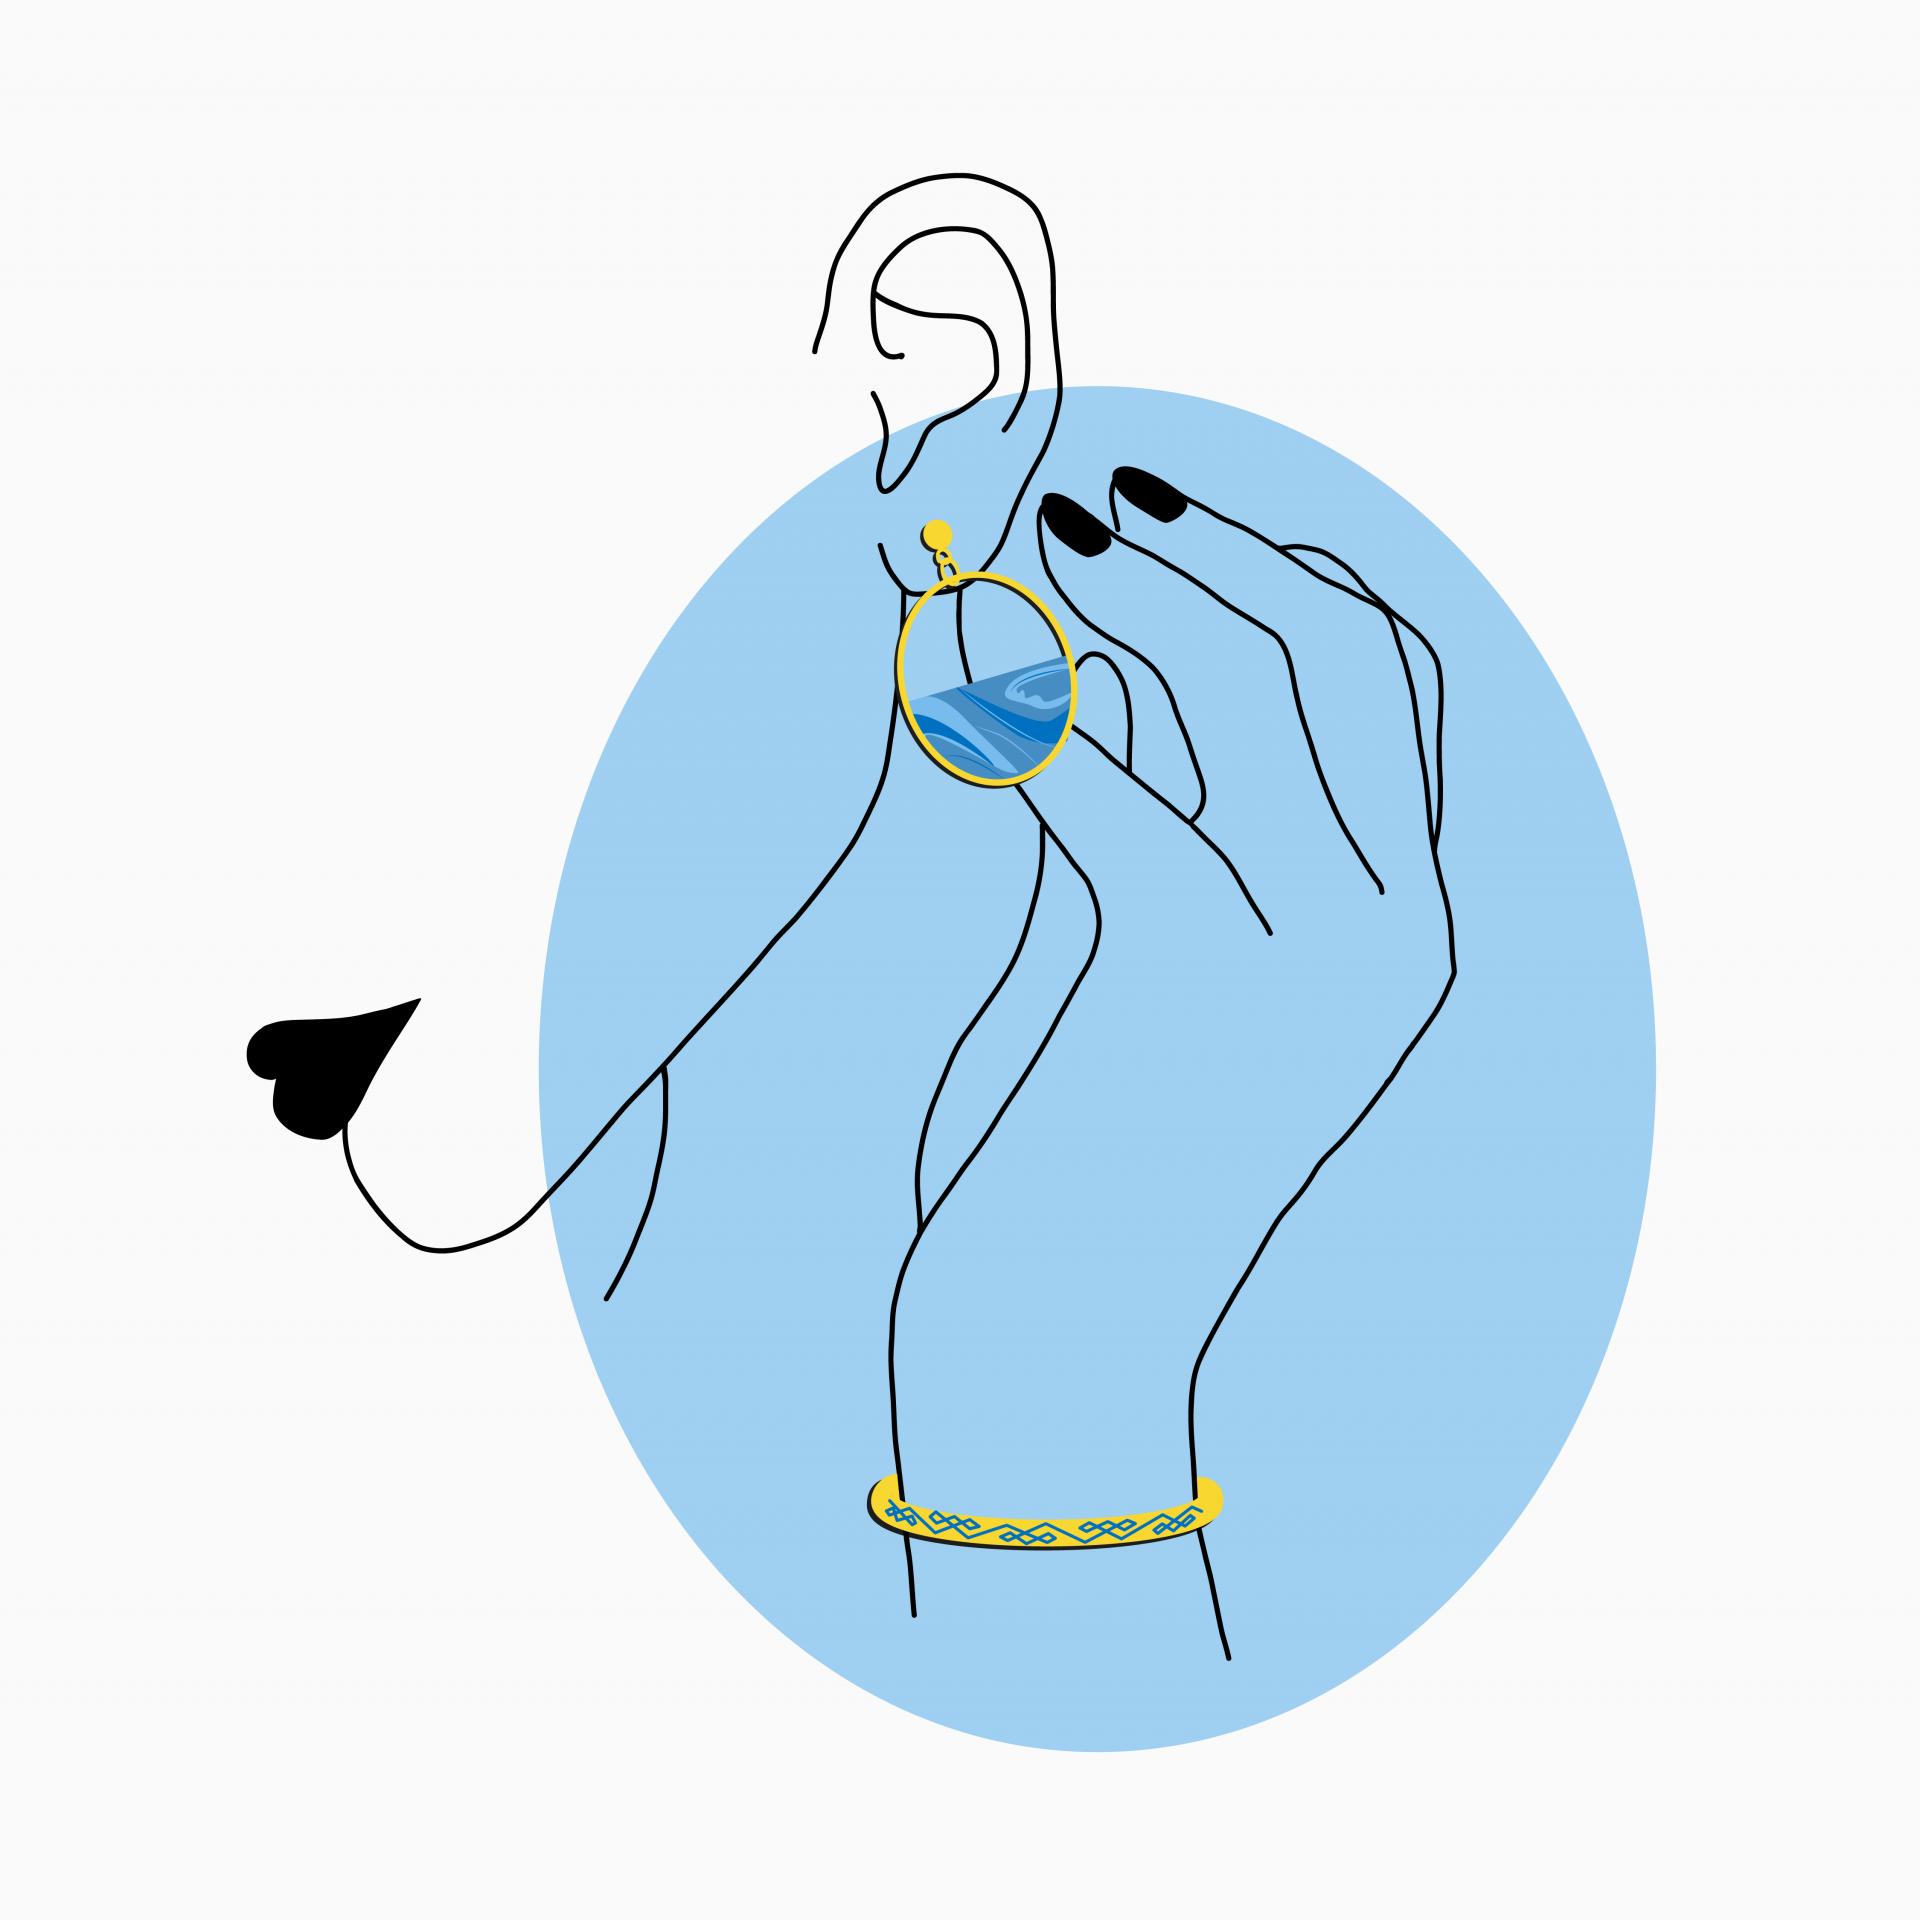 minimalistische zeichnung von frauenkopf & hand mit gold-blauen ohrringen & armband